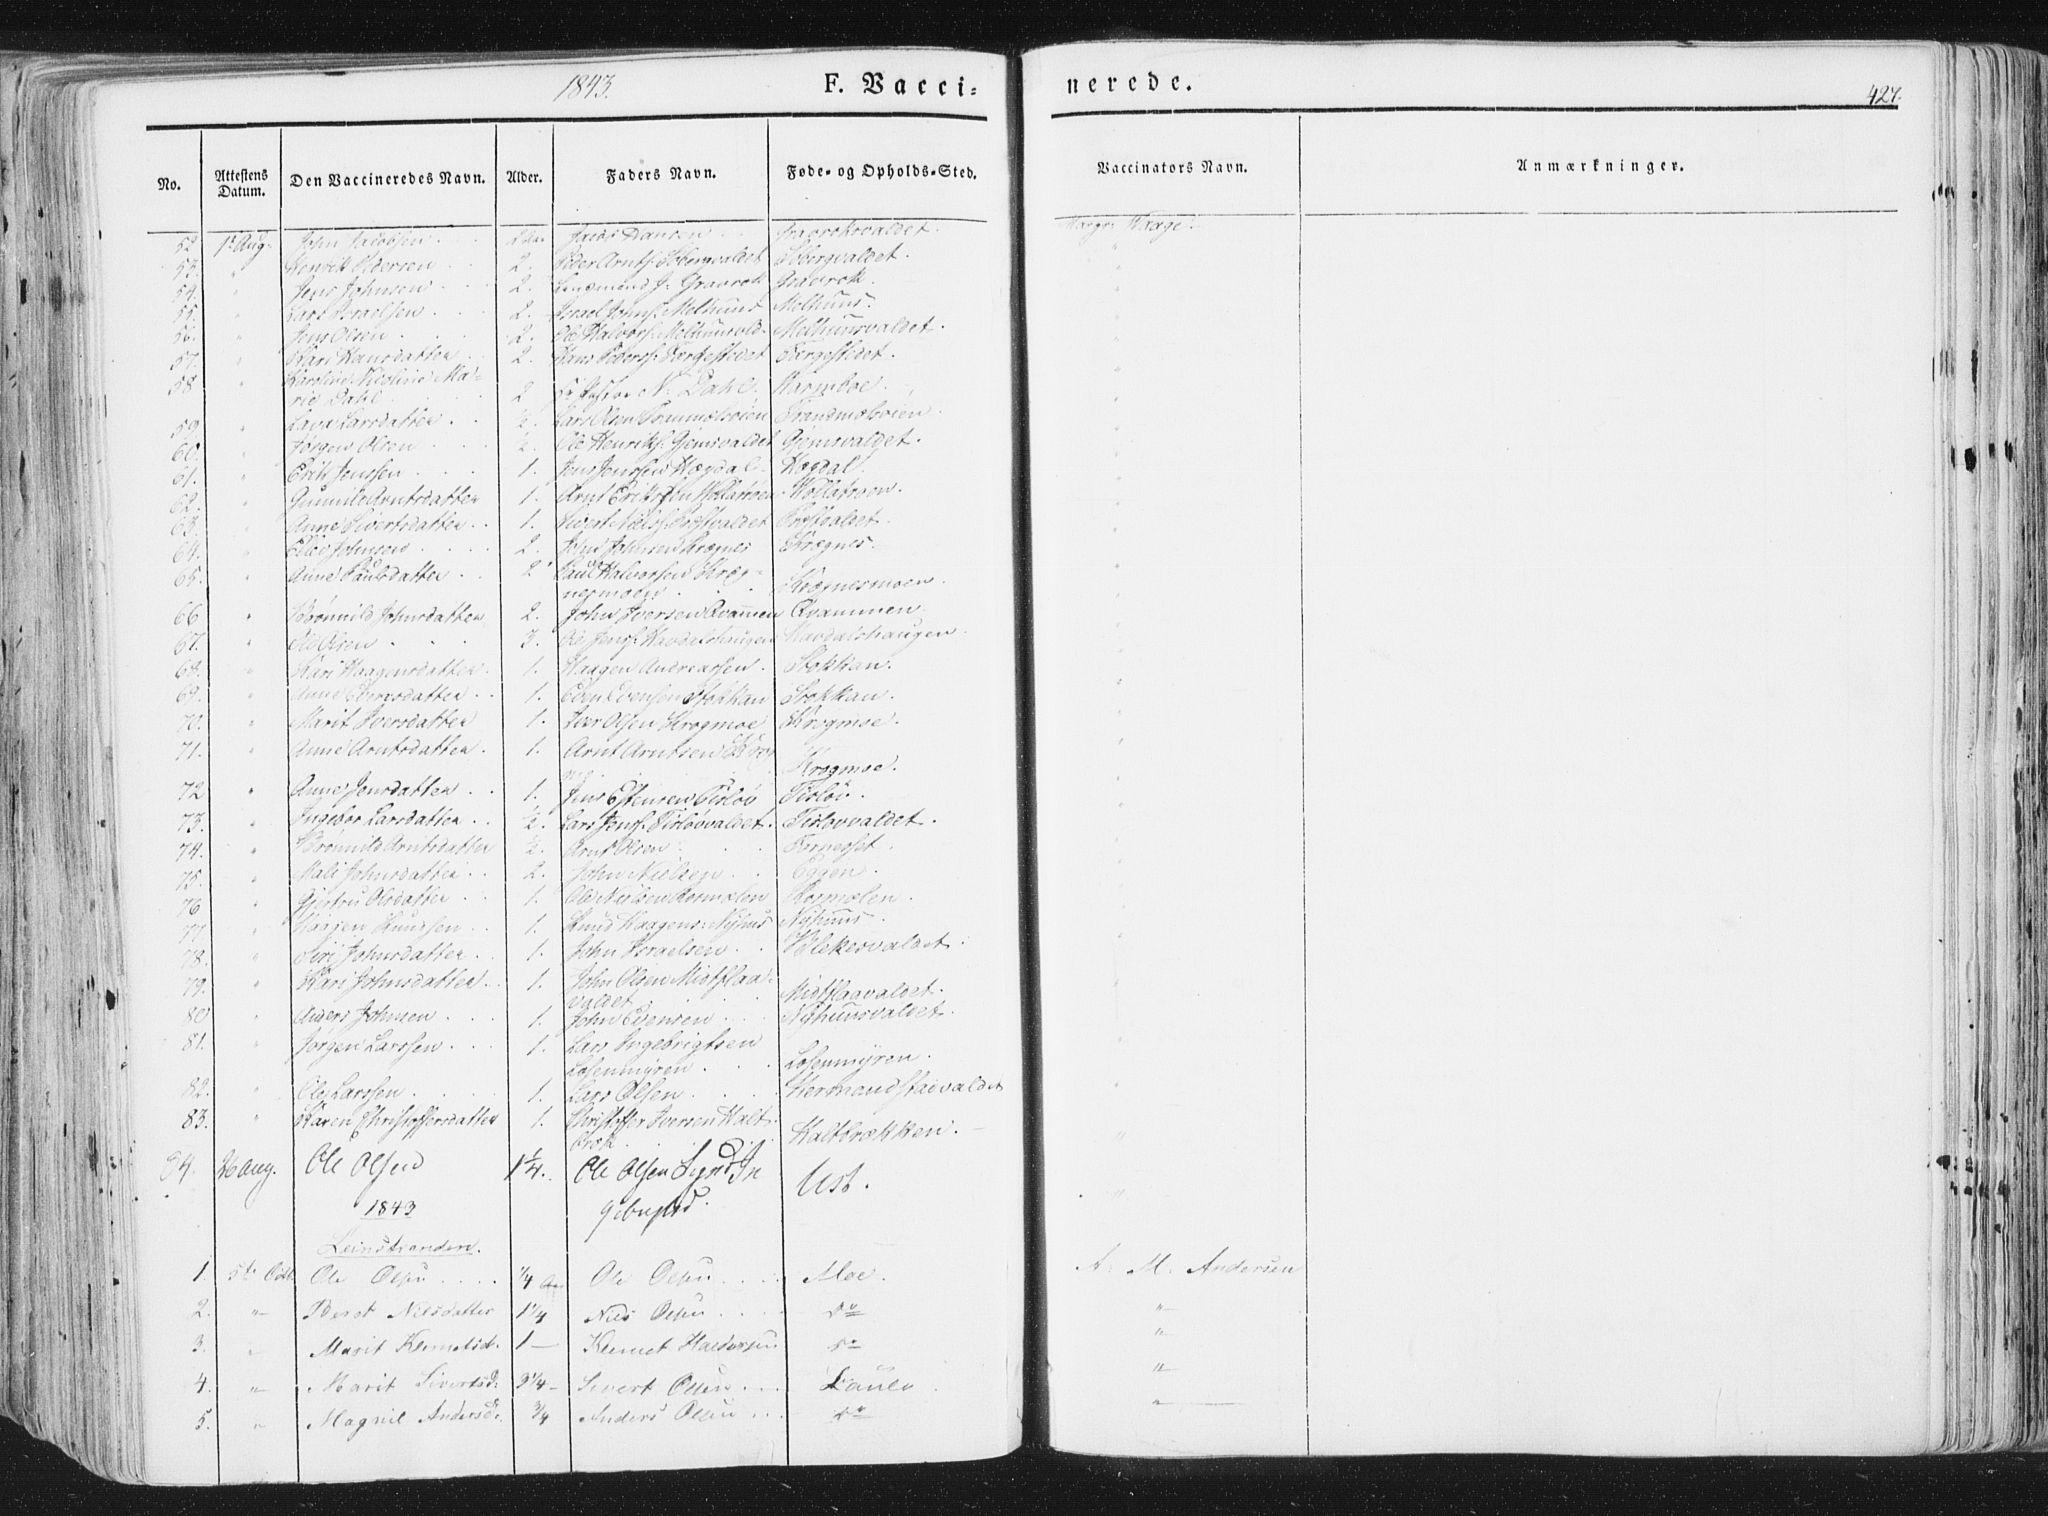 SAT, Ministerialprotokoller, klokkerbøker og fødselsregistre - Sør-Trøndelag, 691/L1074: Ministerialbok nr. 691A06, 1842-1852, s. 427